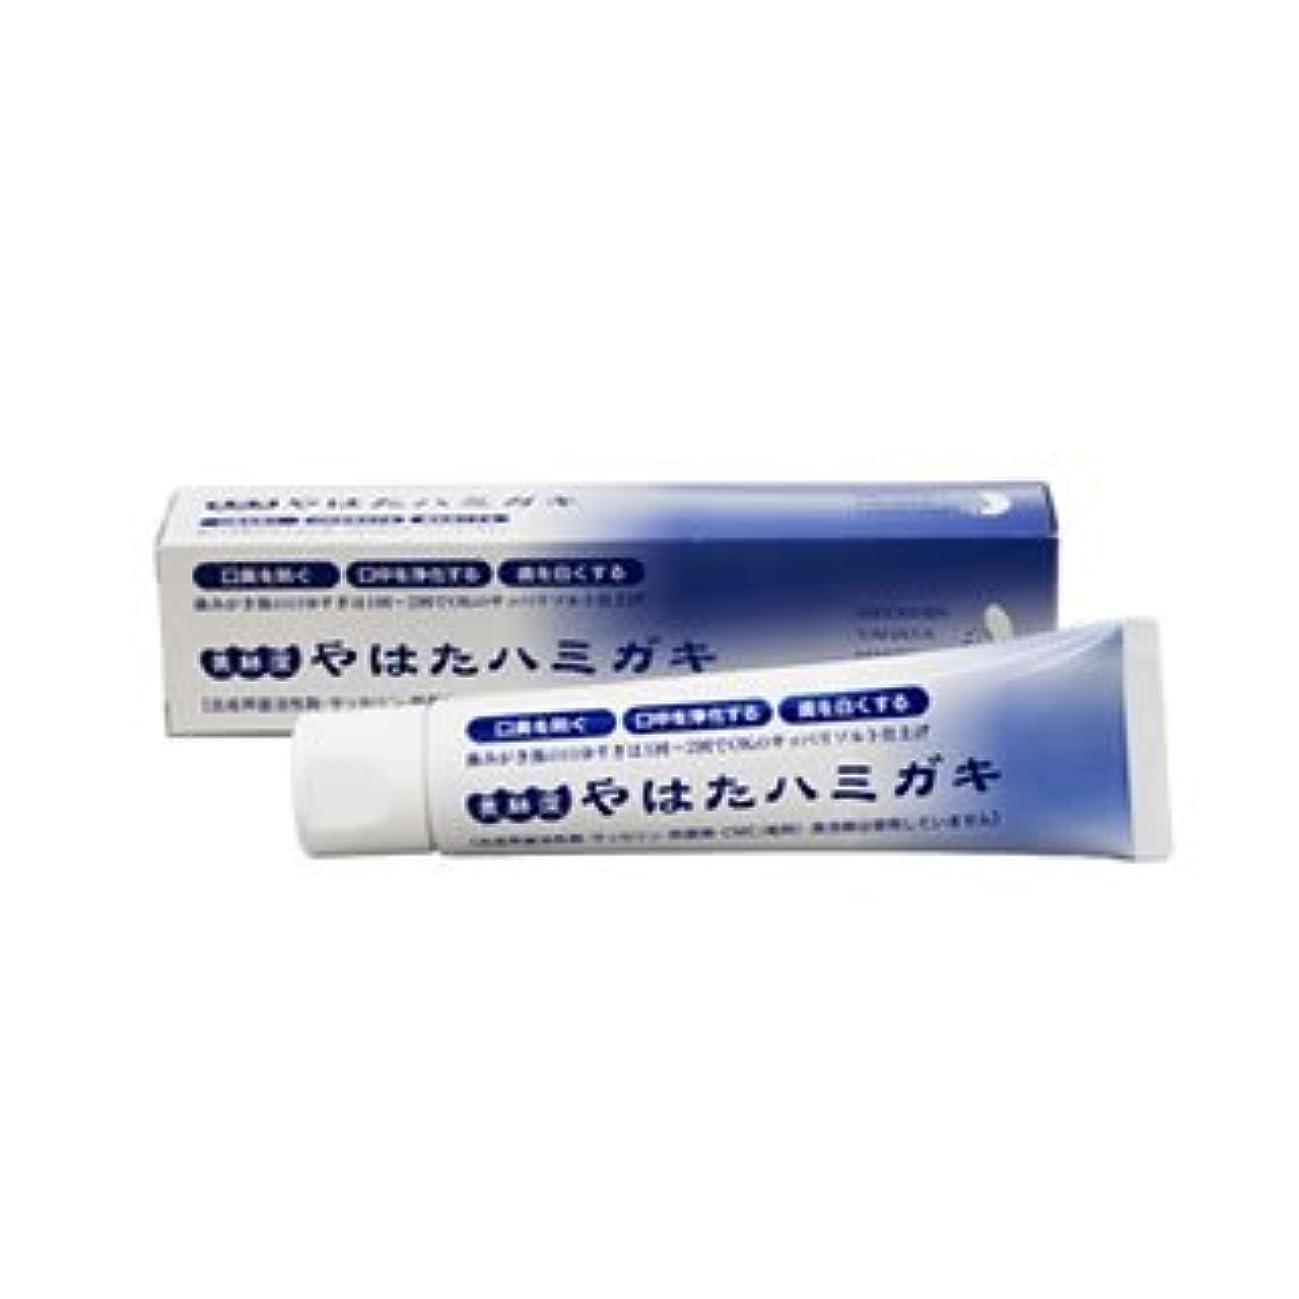 餌排除製作無添加 歯磨き粉 やはたハミガキ 120g